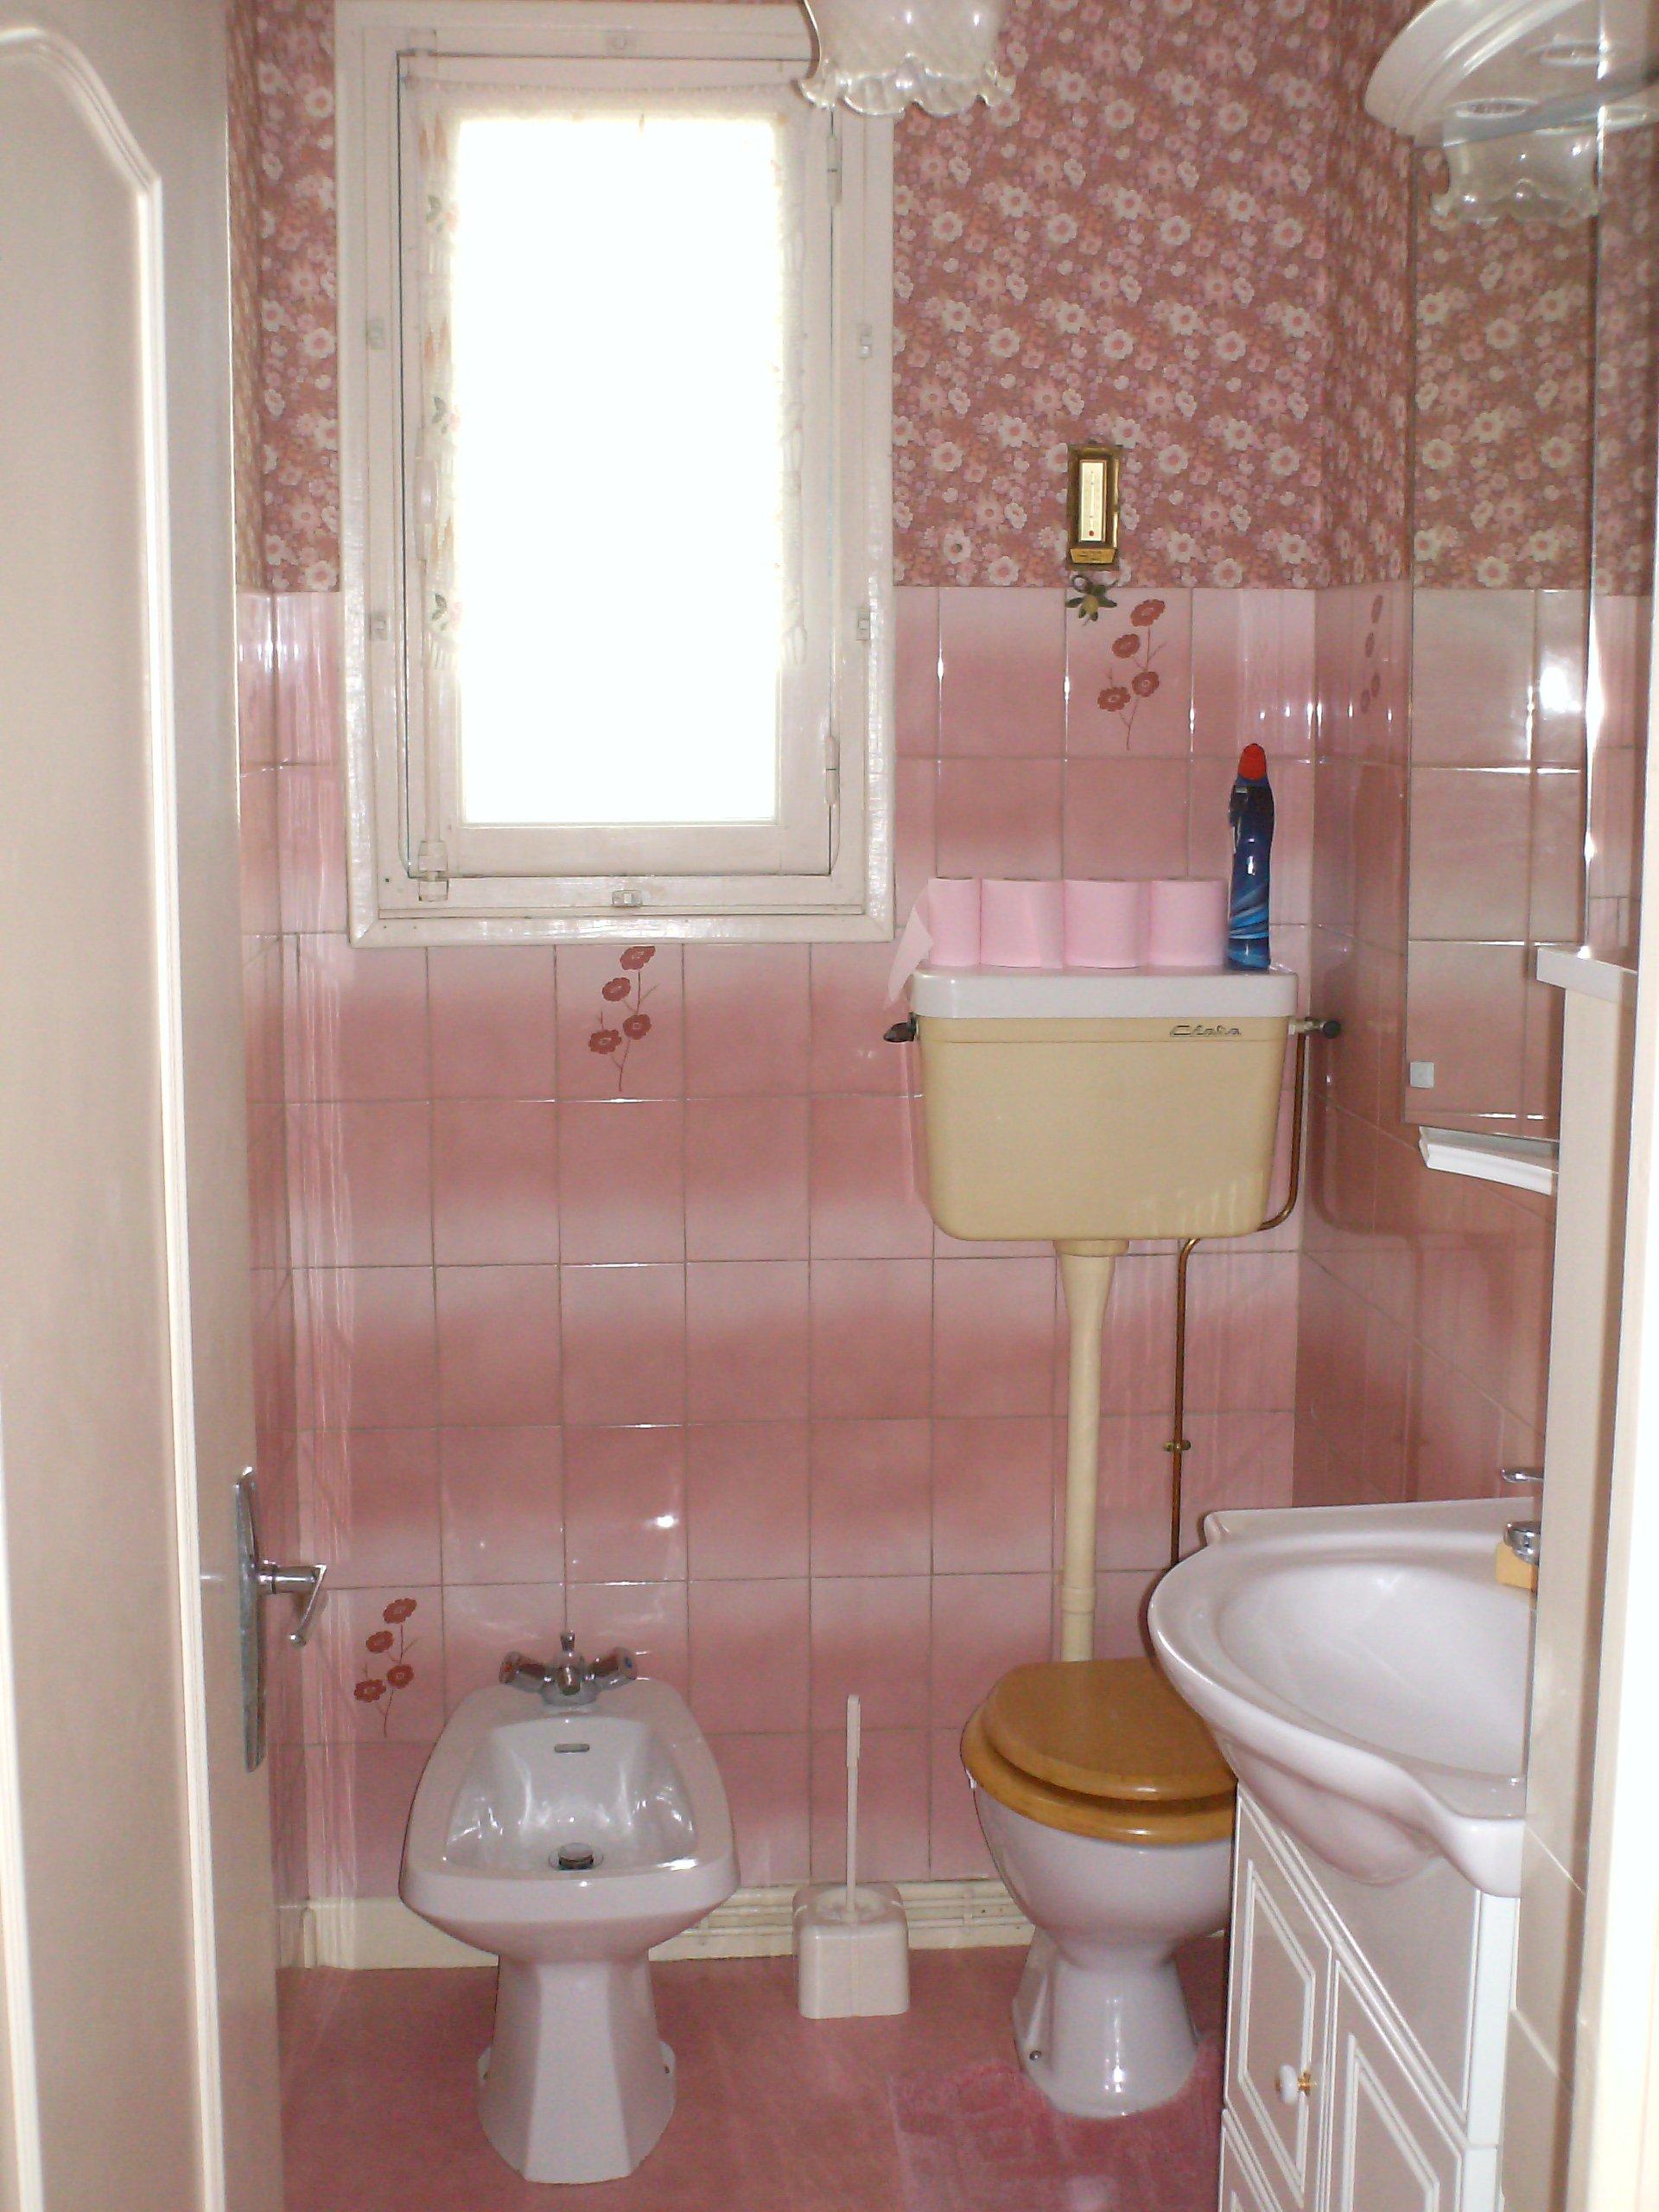 Refaire Une Salle De Bain Le Cout Bricolage FORUM Vie Pratique - Refaire une salle de bain cout